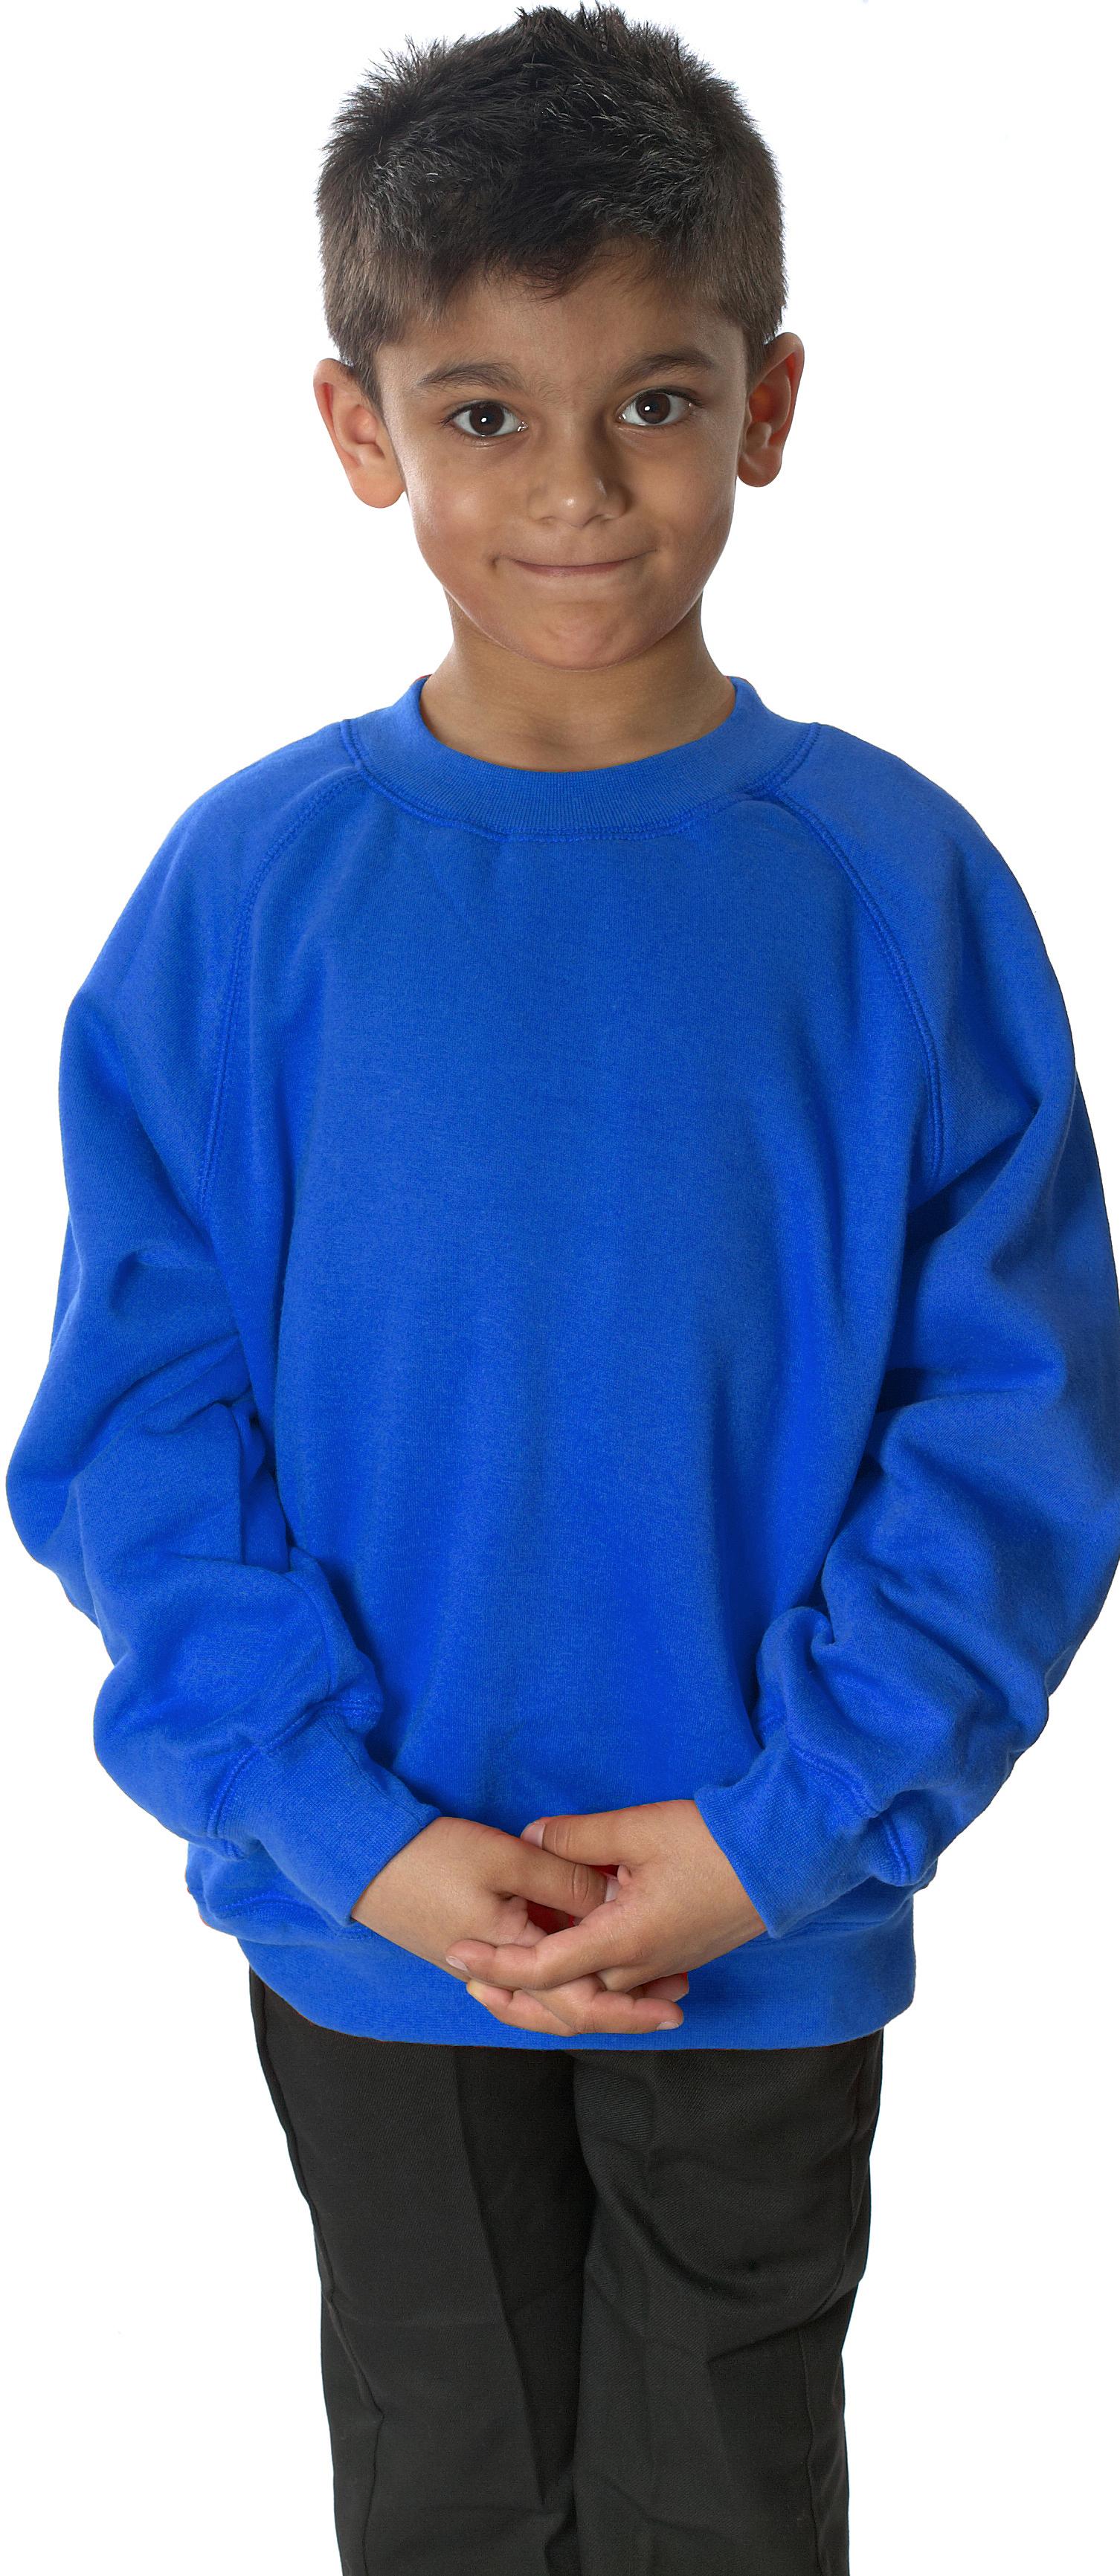 Boys School Uniform Formal Wear Long Sleeve Fleece Round Neck Sweatshirt Jumper